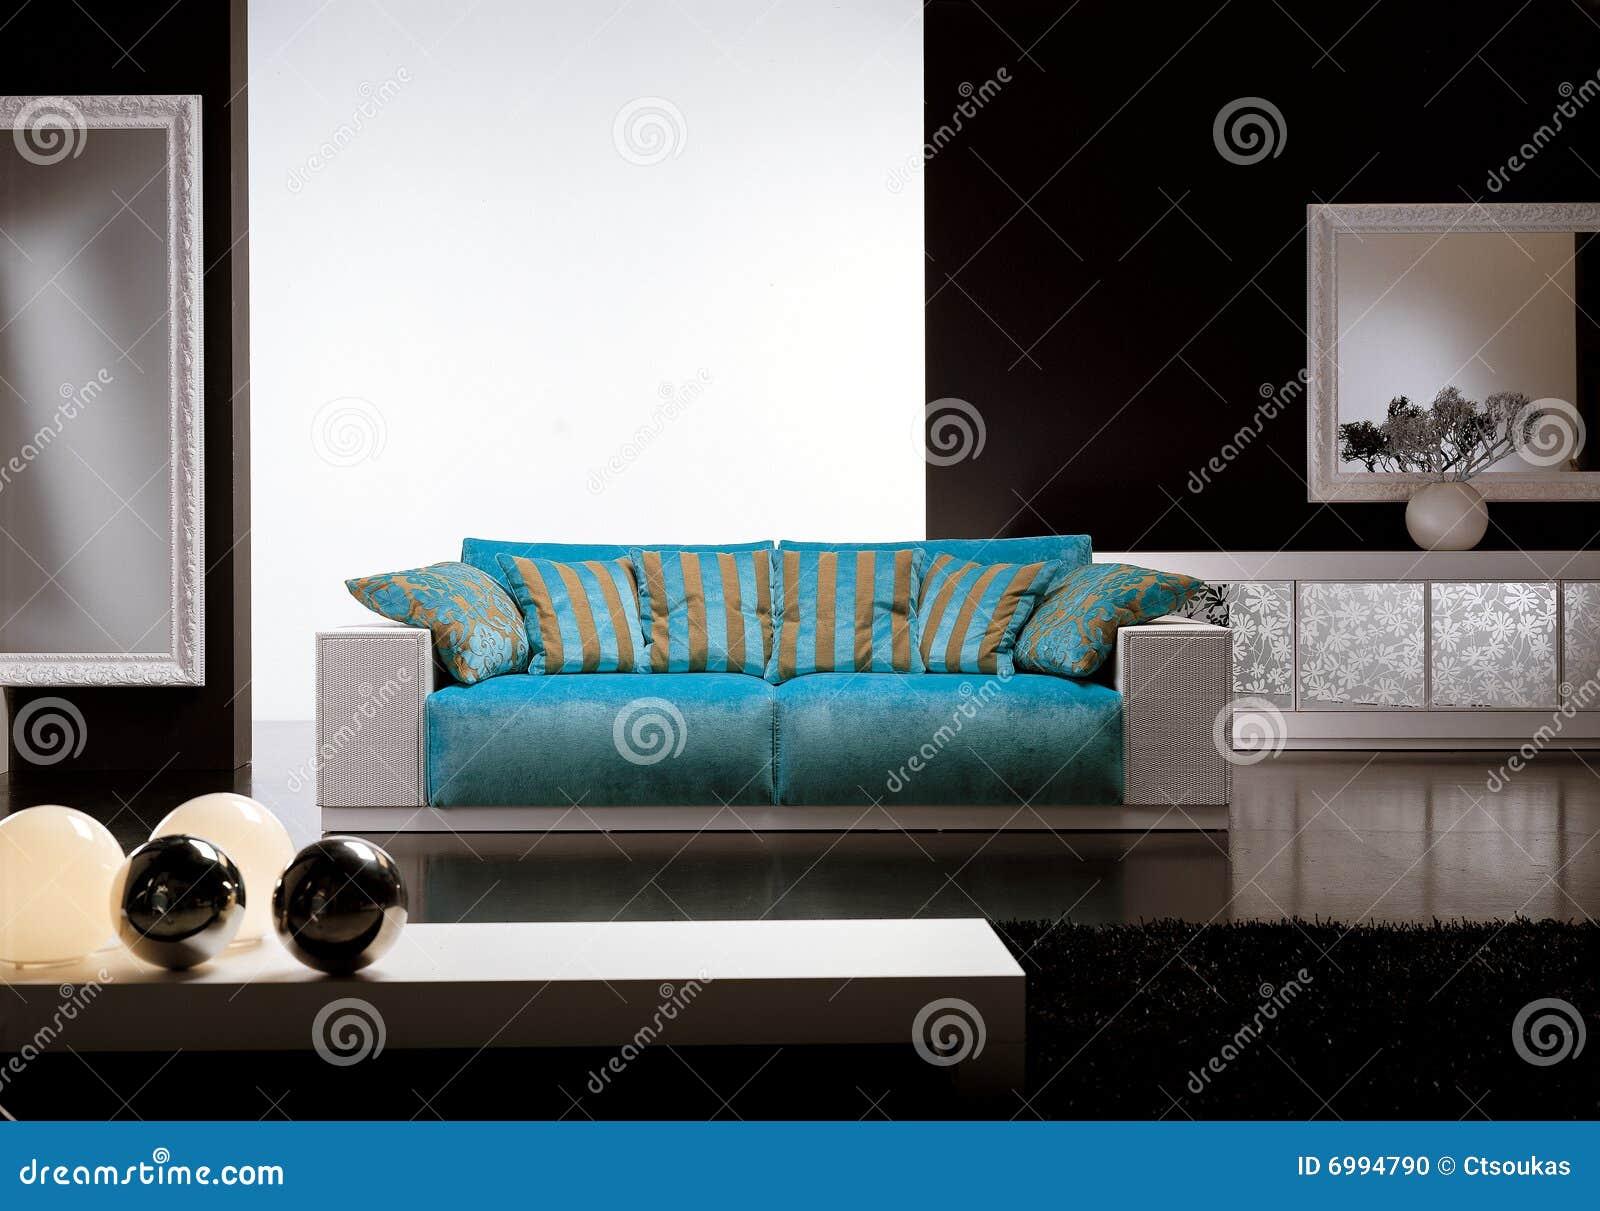 Blauwe Design Bank.Eigentijdse Woonkamer Met Blauwe Bank Stock Foto Afbeelding